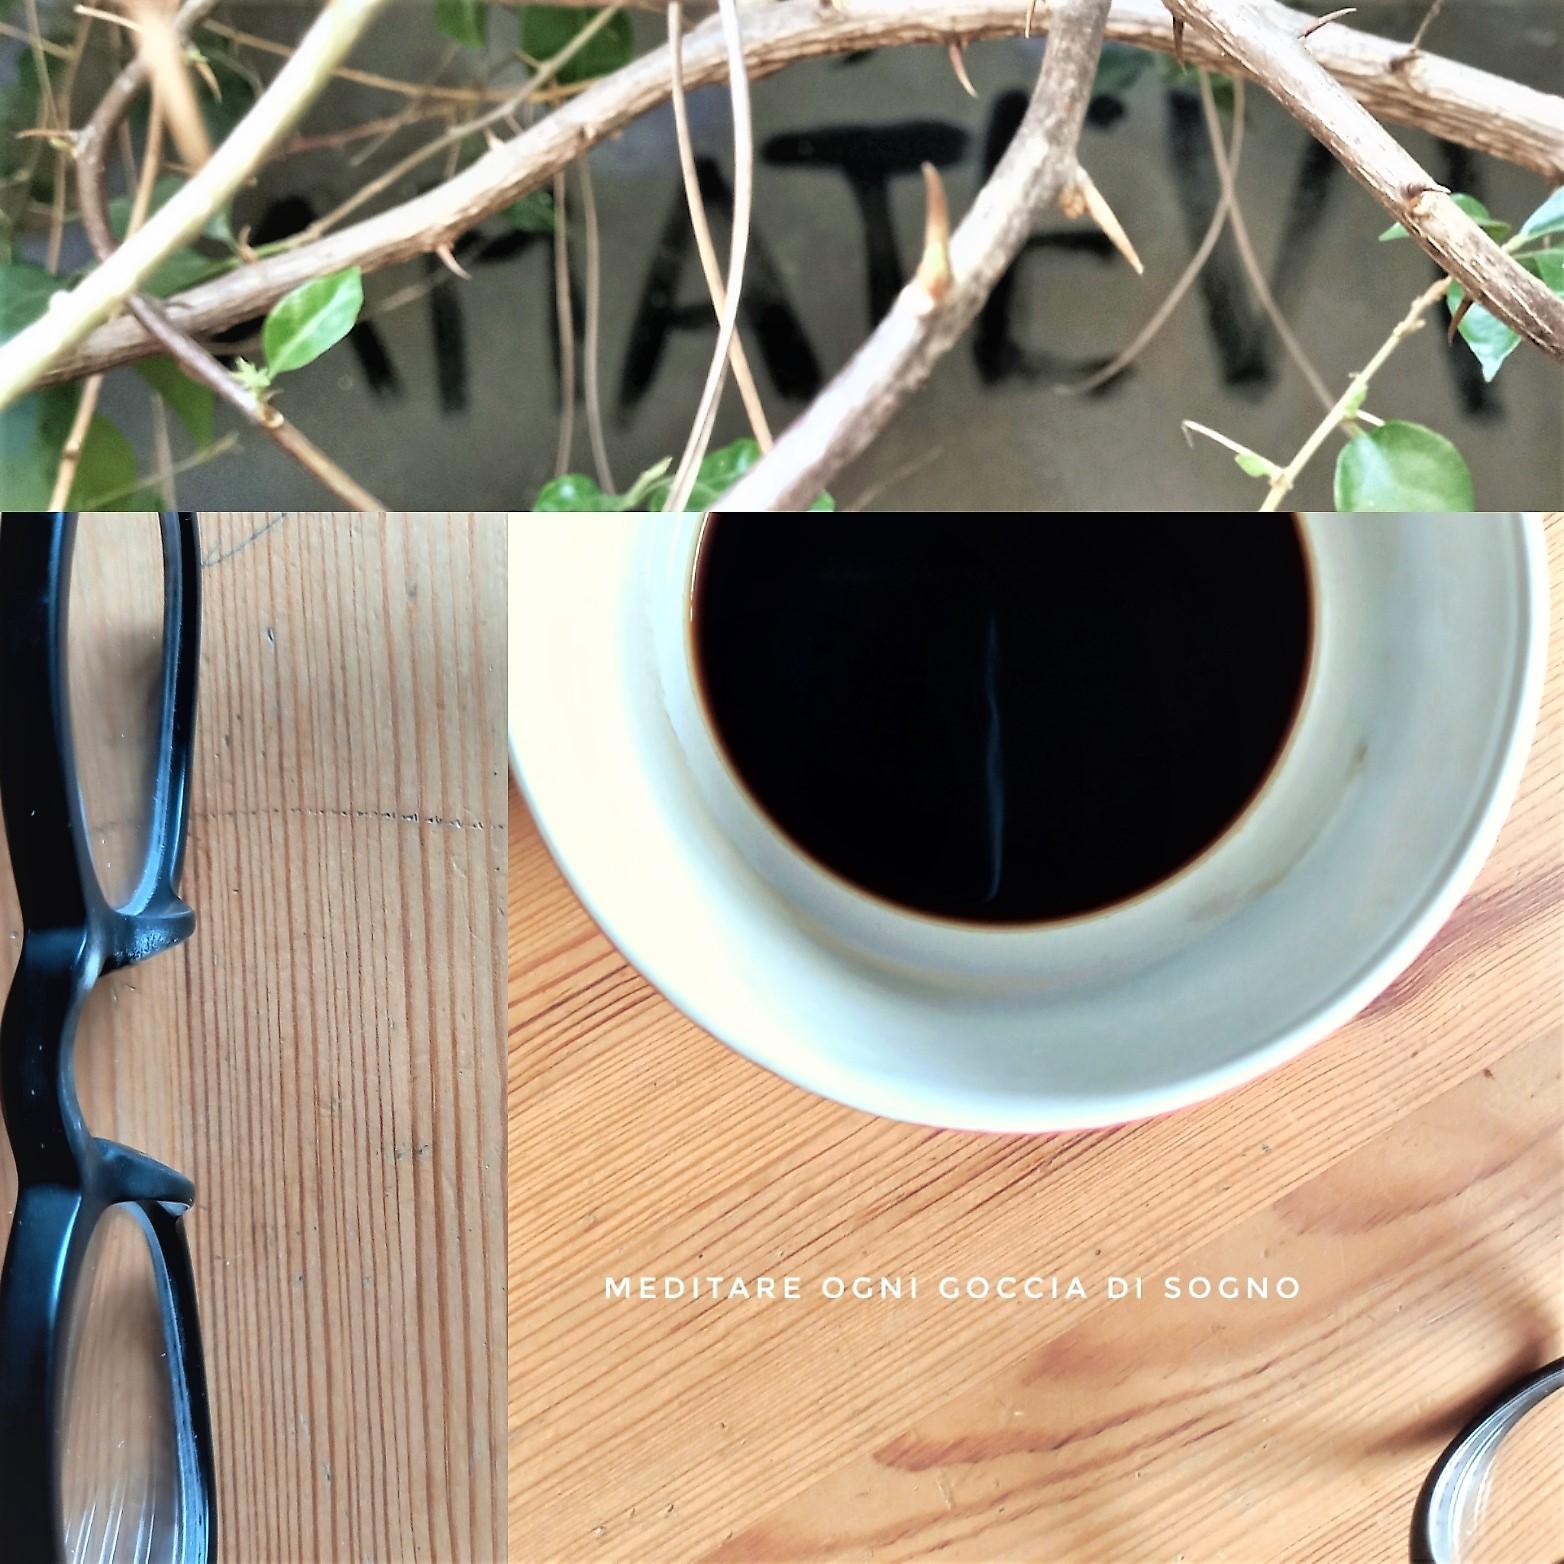 meditare ogni goccia di sogno caffè living